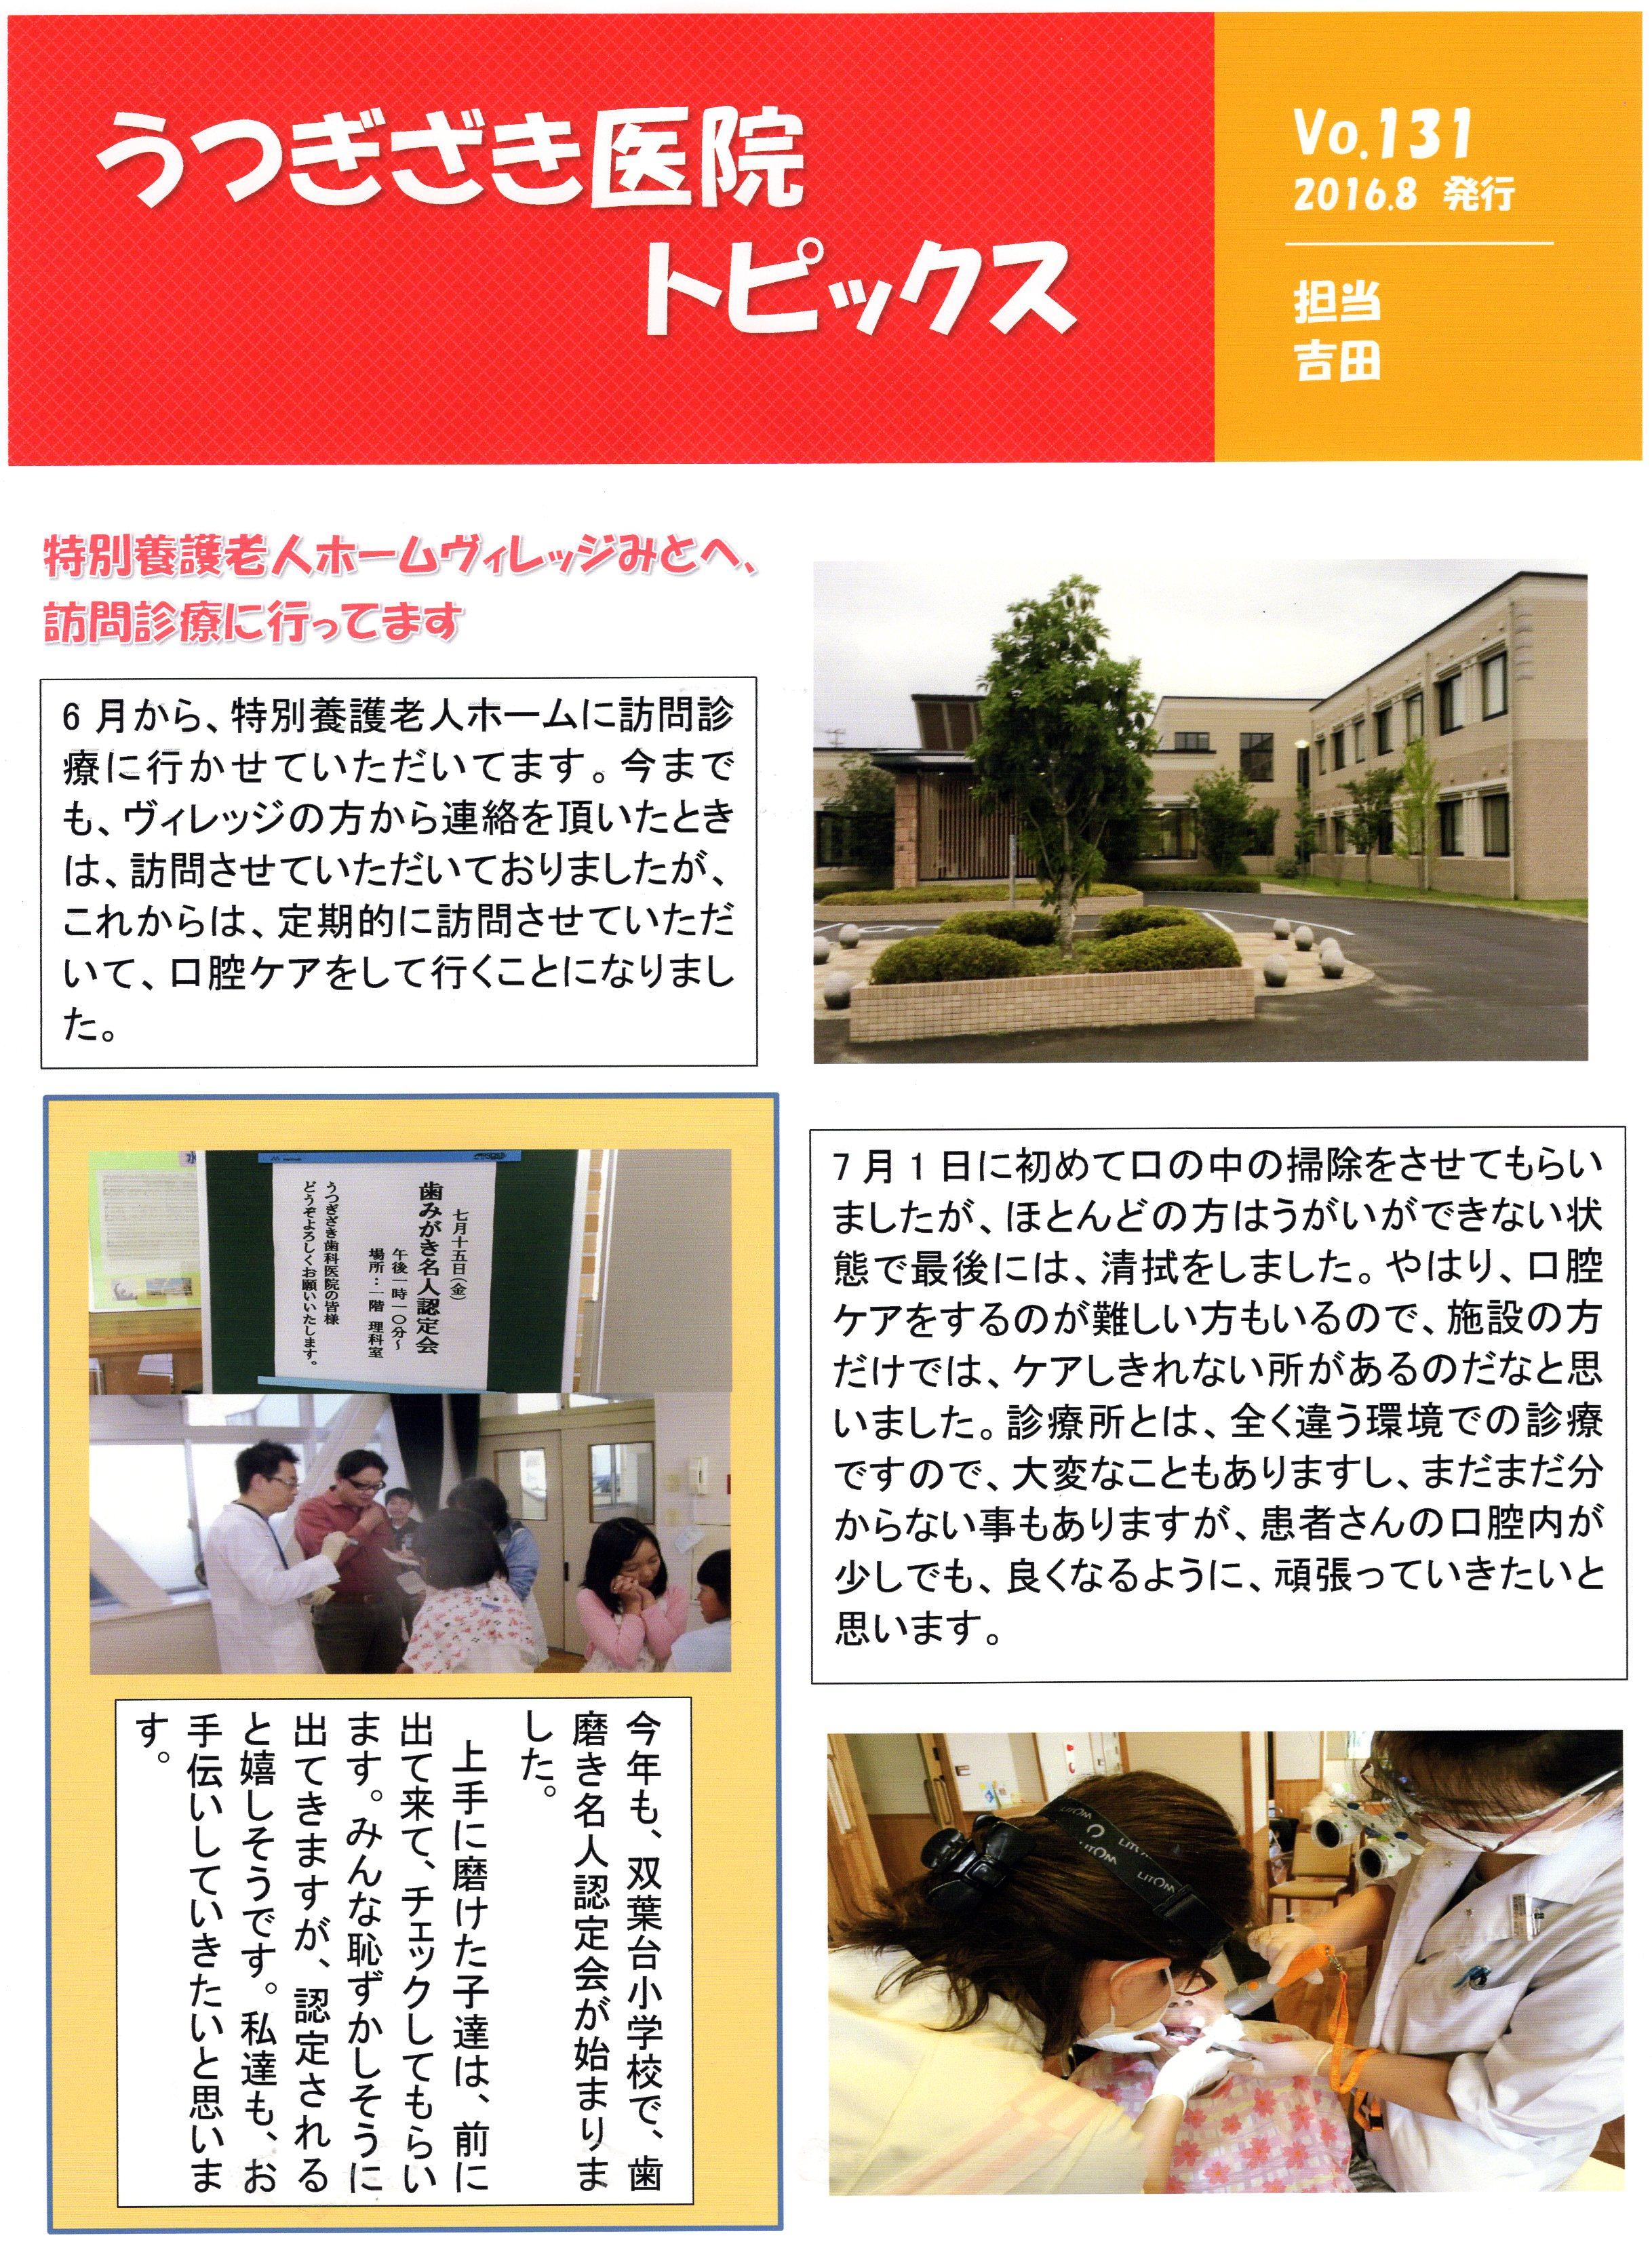 うつぎざき歯科医院トピックス NO.131